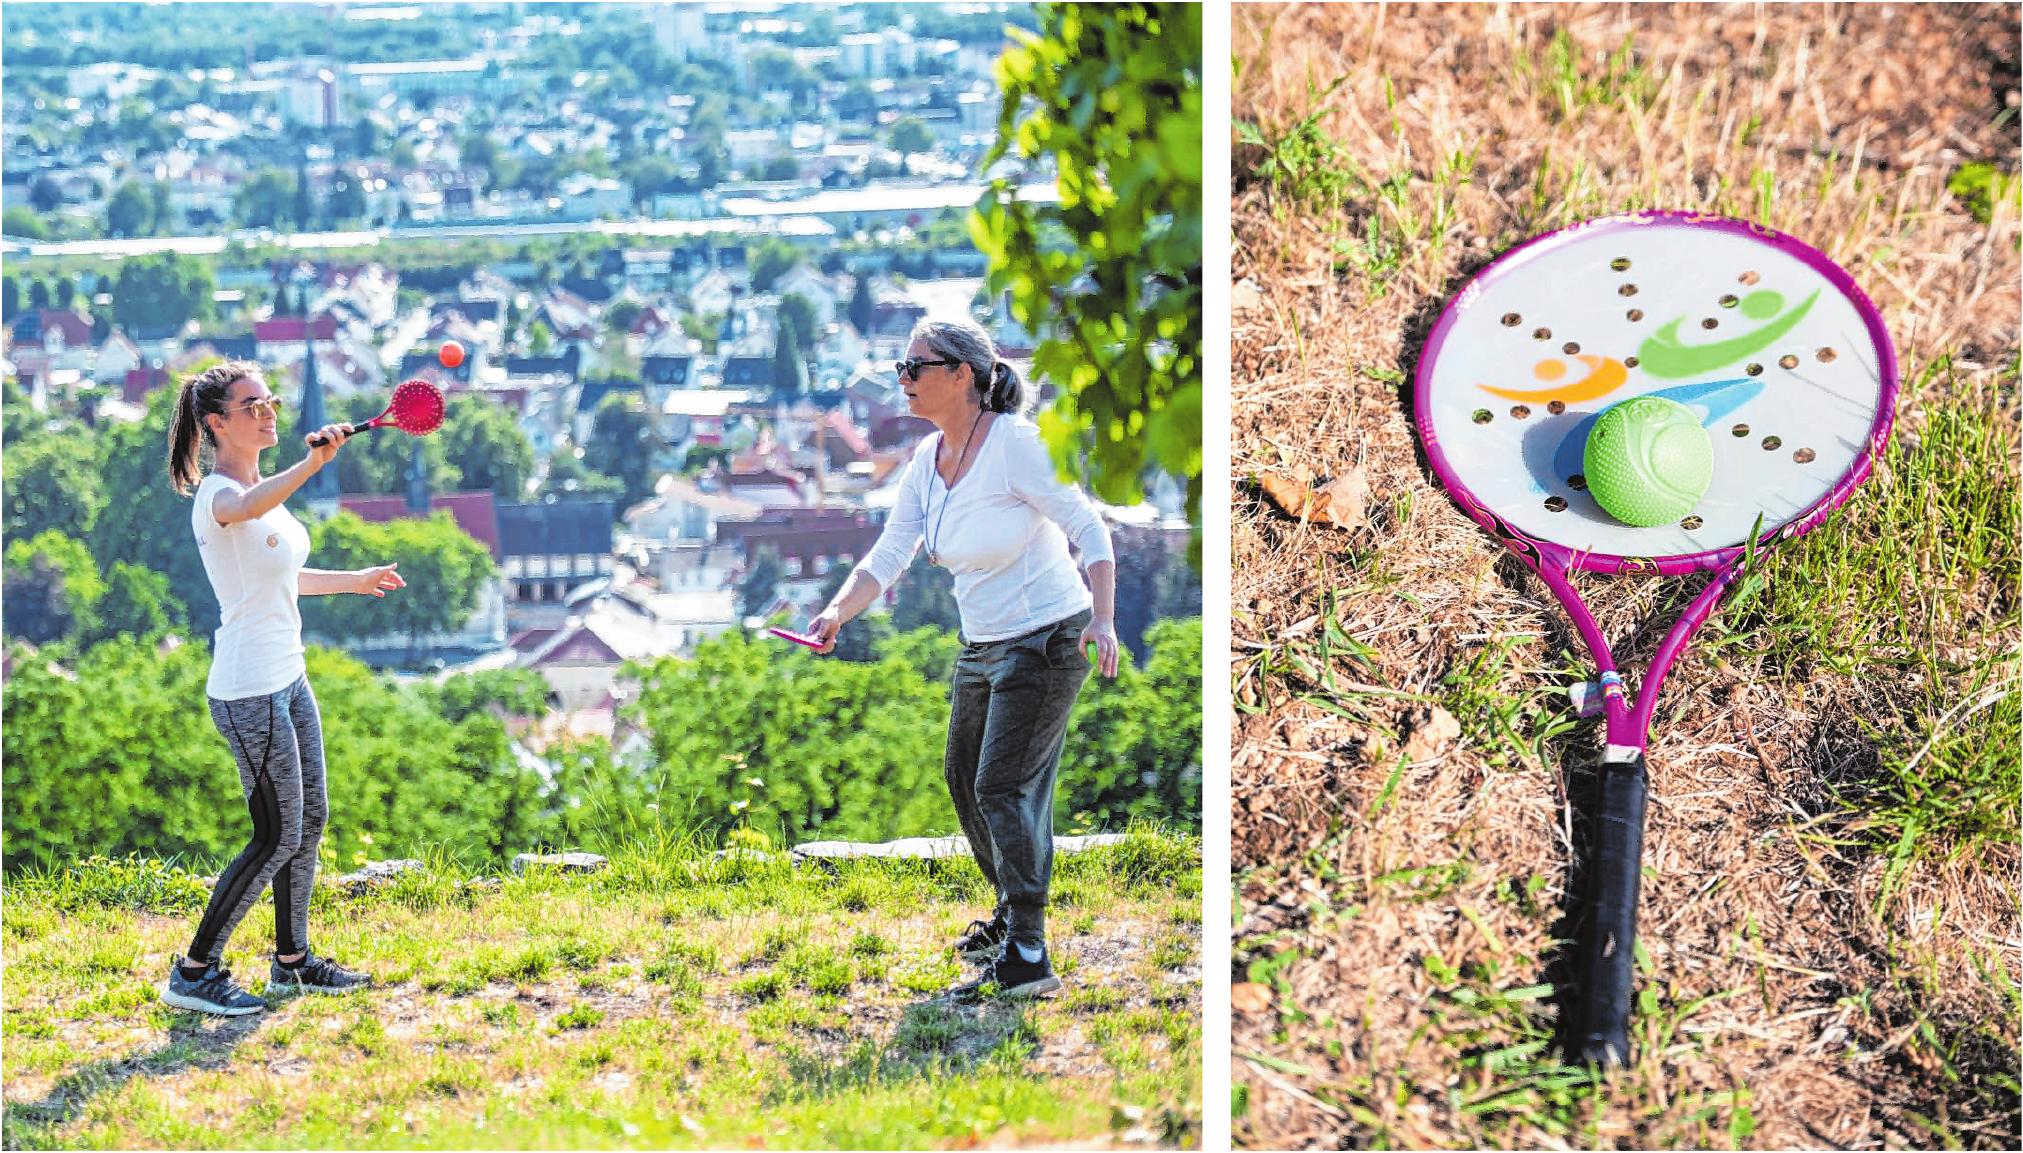 Bailong Ball zeichnet sich durch fließend-dynamische Bewegungsabläufe aus. Man kann den Sport alleine, aber auch im Duo ausüben. Bilder: Thomas Neu